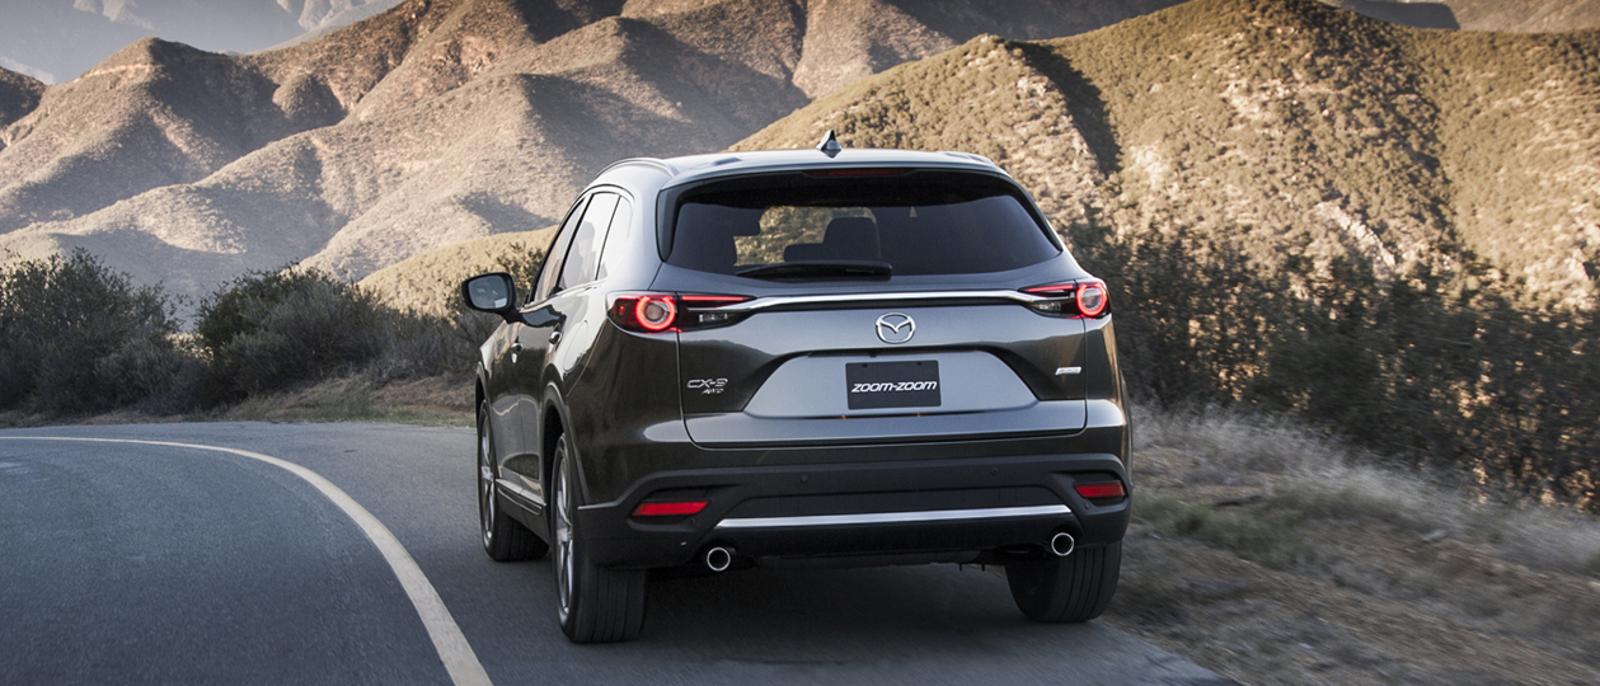 2016 Mazda CX-9 Rear Exterior